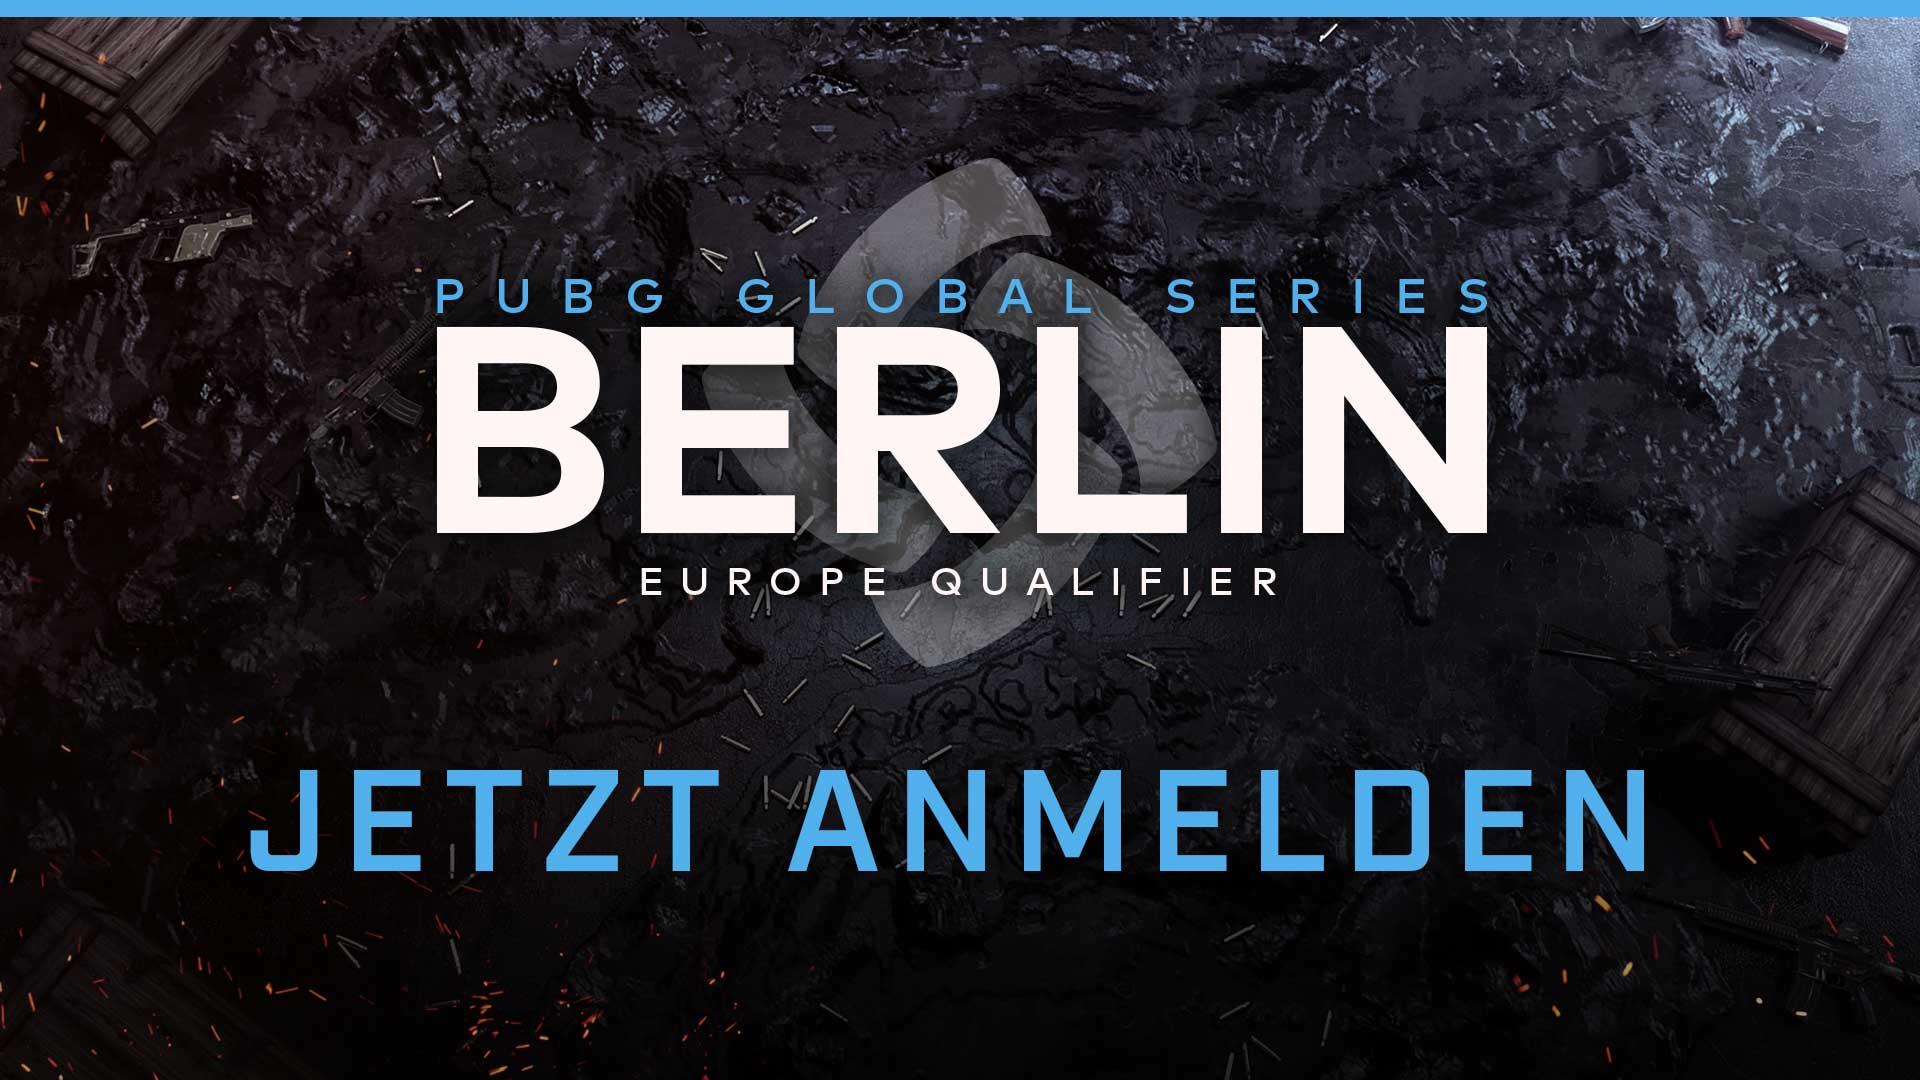 PGS Berlin EU Sign Up 1920x1080 DE babt